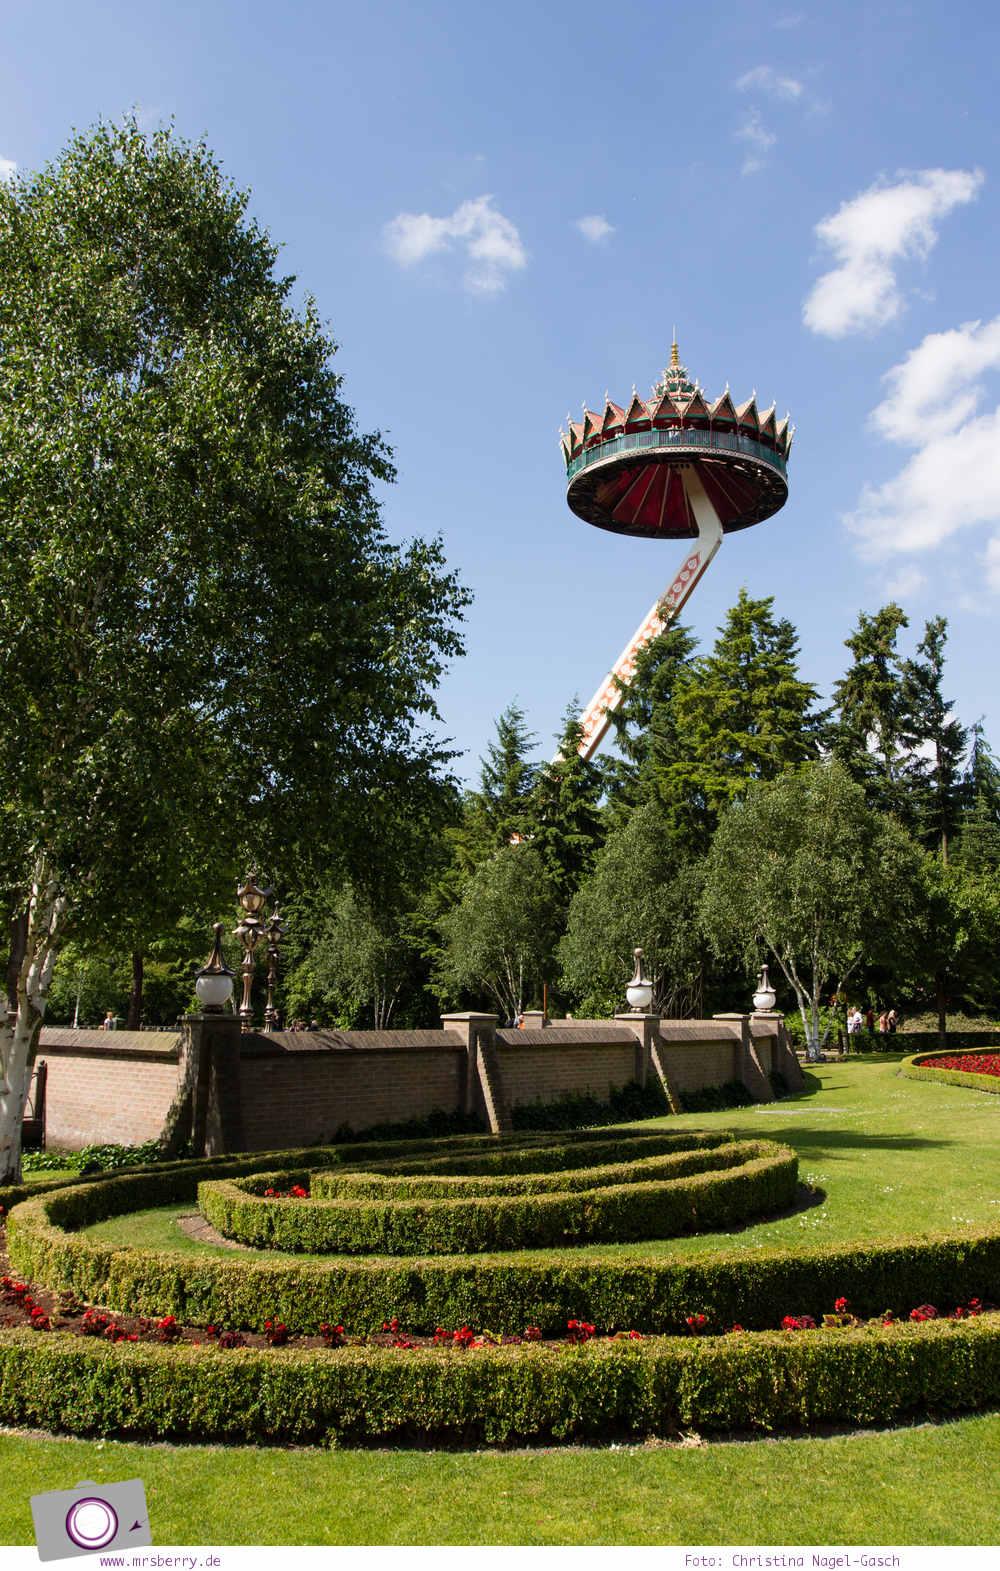 Familienurlaub im Ferienpark und Freizeitpark Efteling: mit der Pagode schwebt man in 45 Metern Höhe